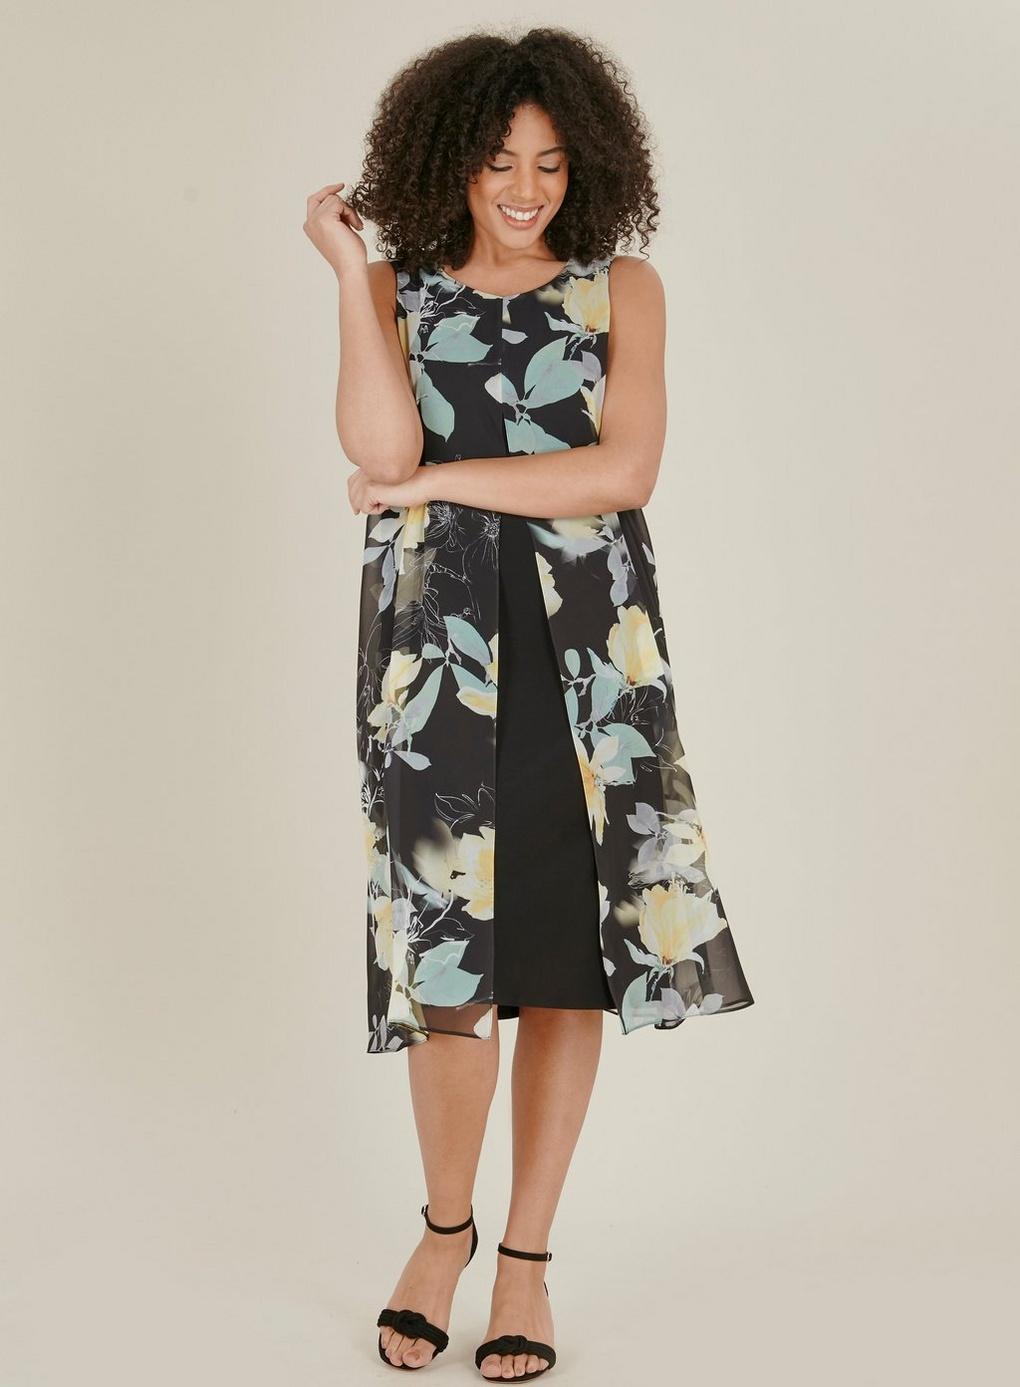 7b20c2827863 Evans Black Floral Print Split Front Shift Dress in Black - Save 25 ...